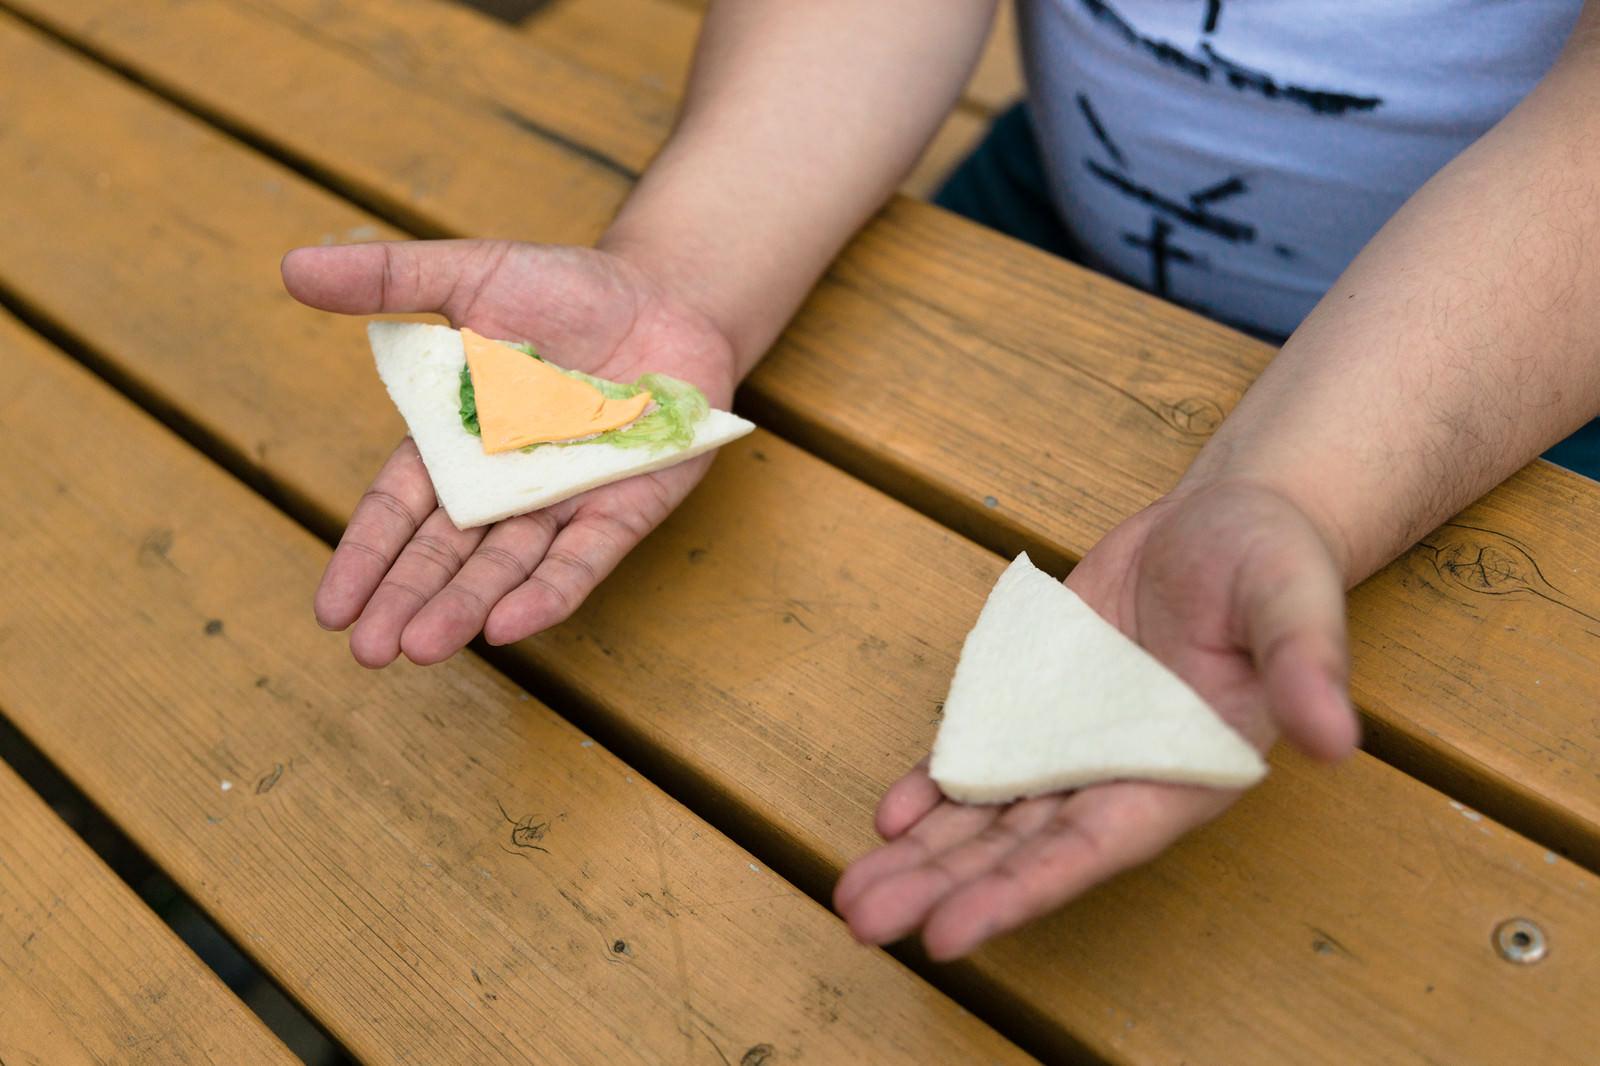 「具の少ないサンドイッチに憤り」の写真